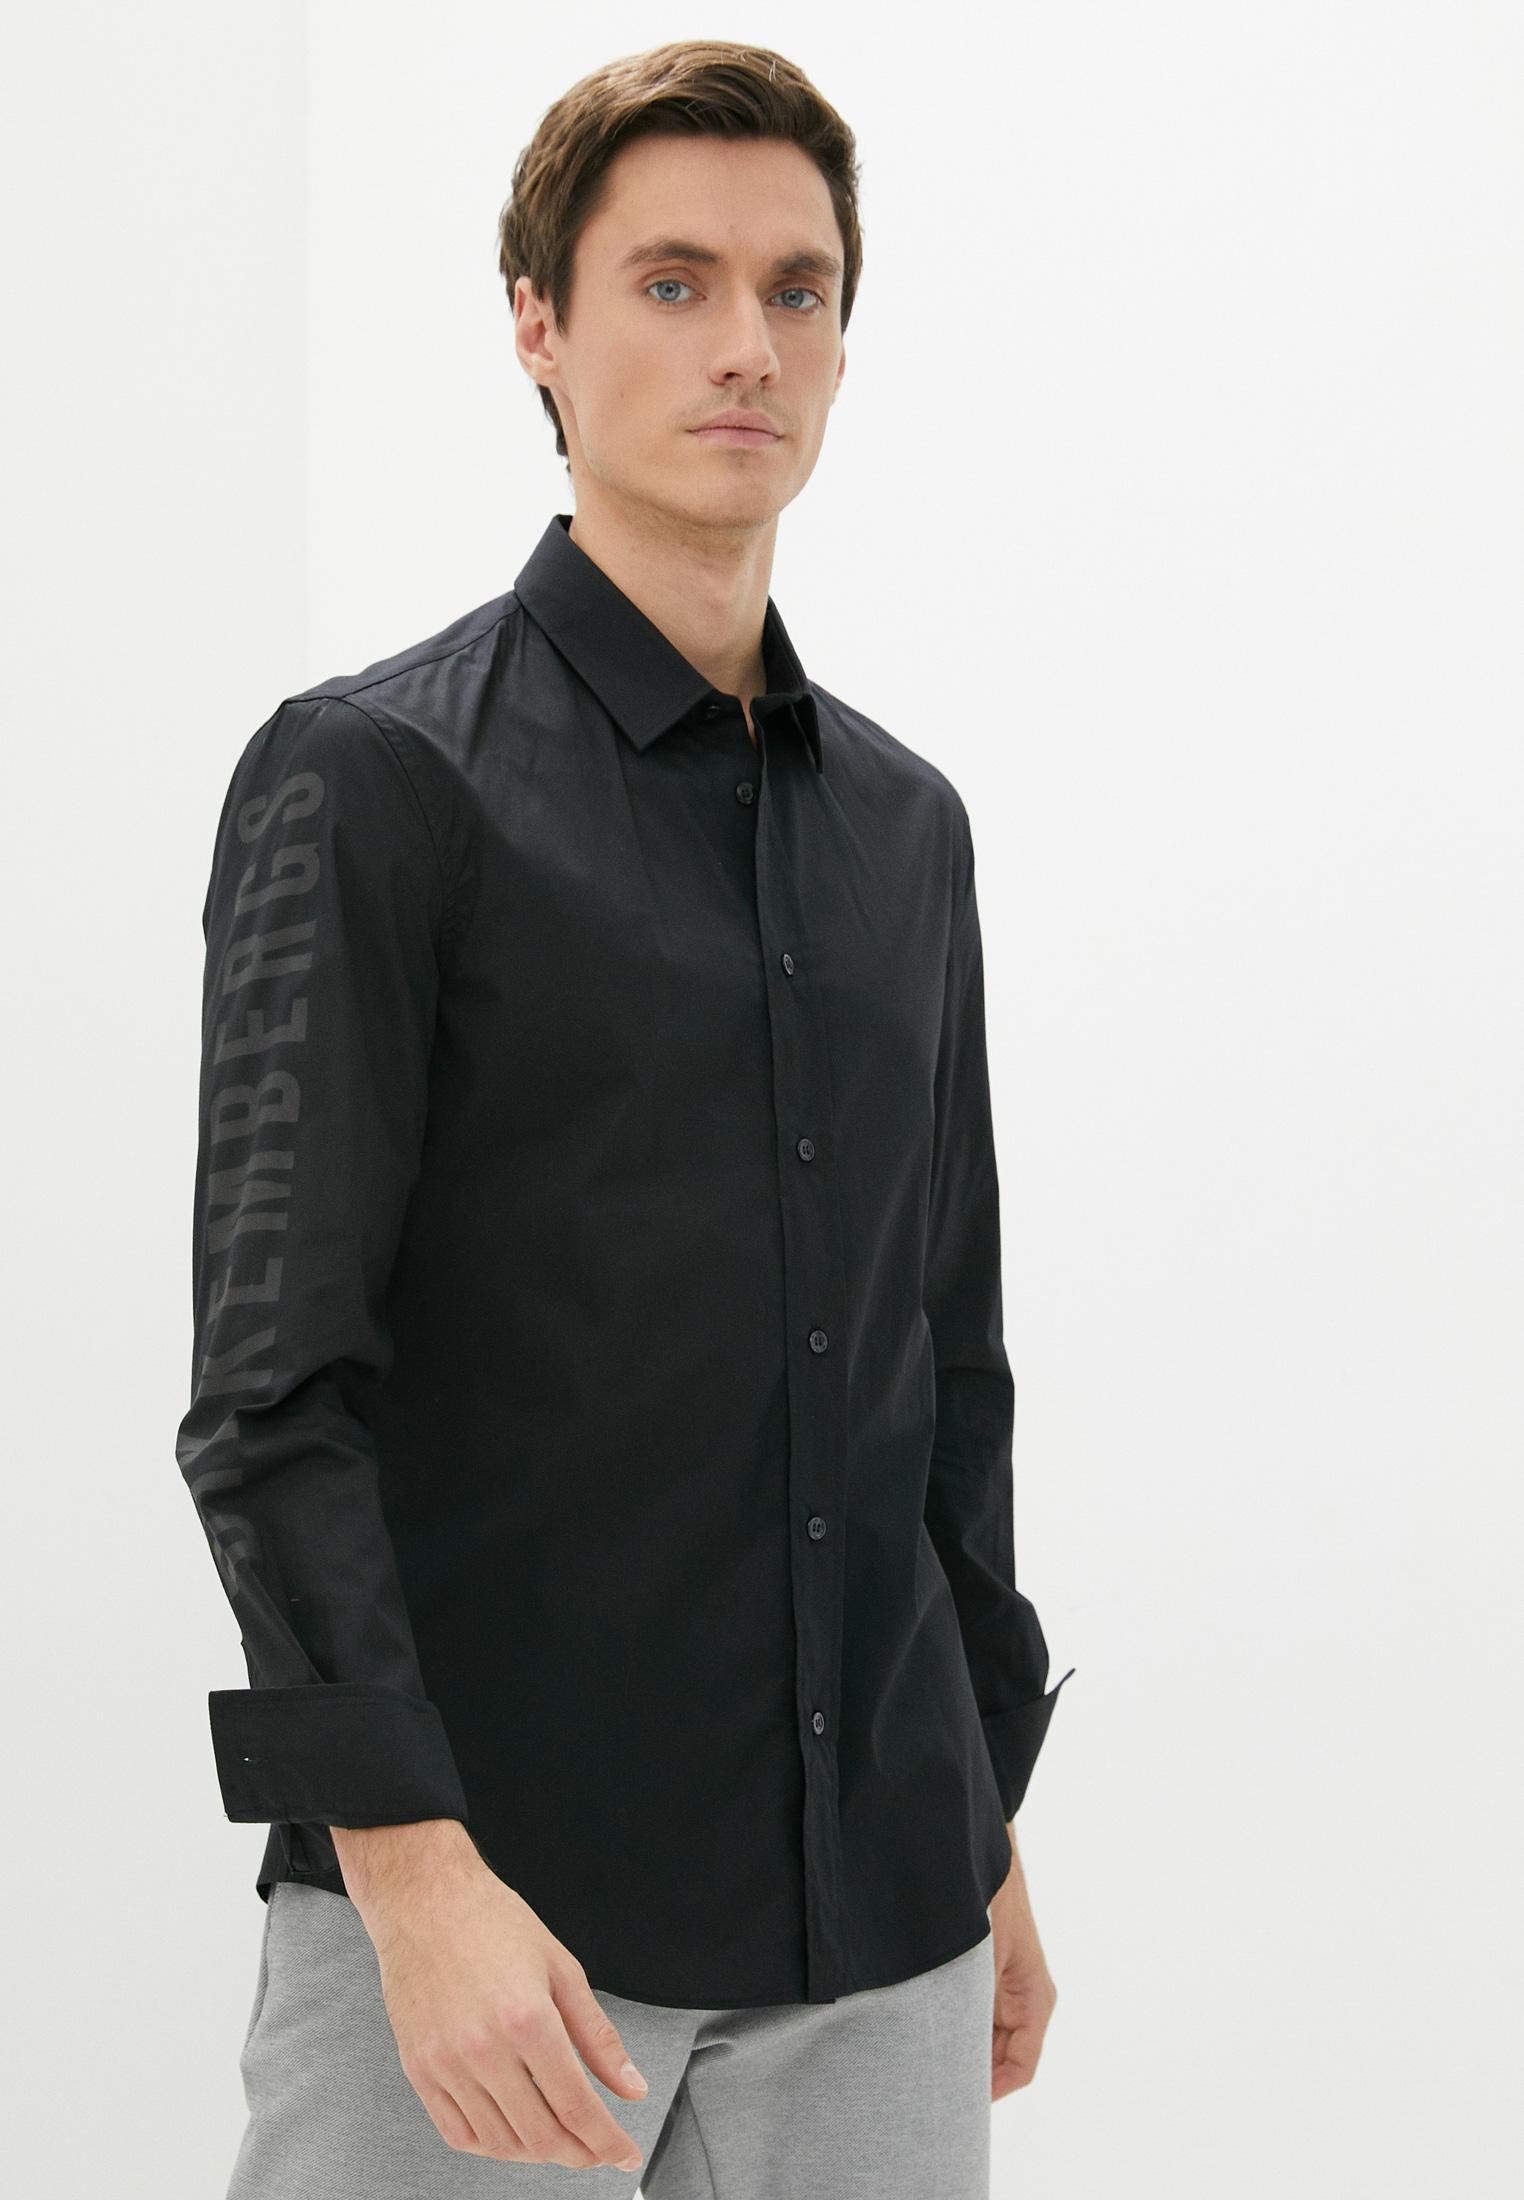 Рубашка с длинным рукавом Bikkembergs (Биккембергс) C C 009 3V S 2931